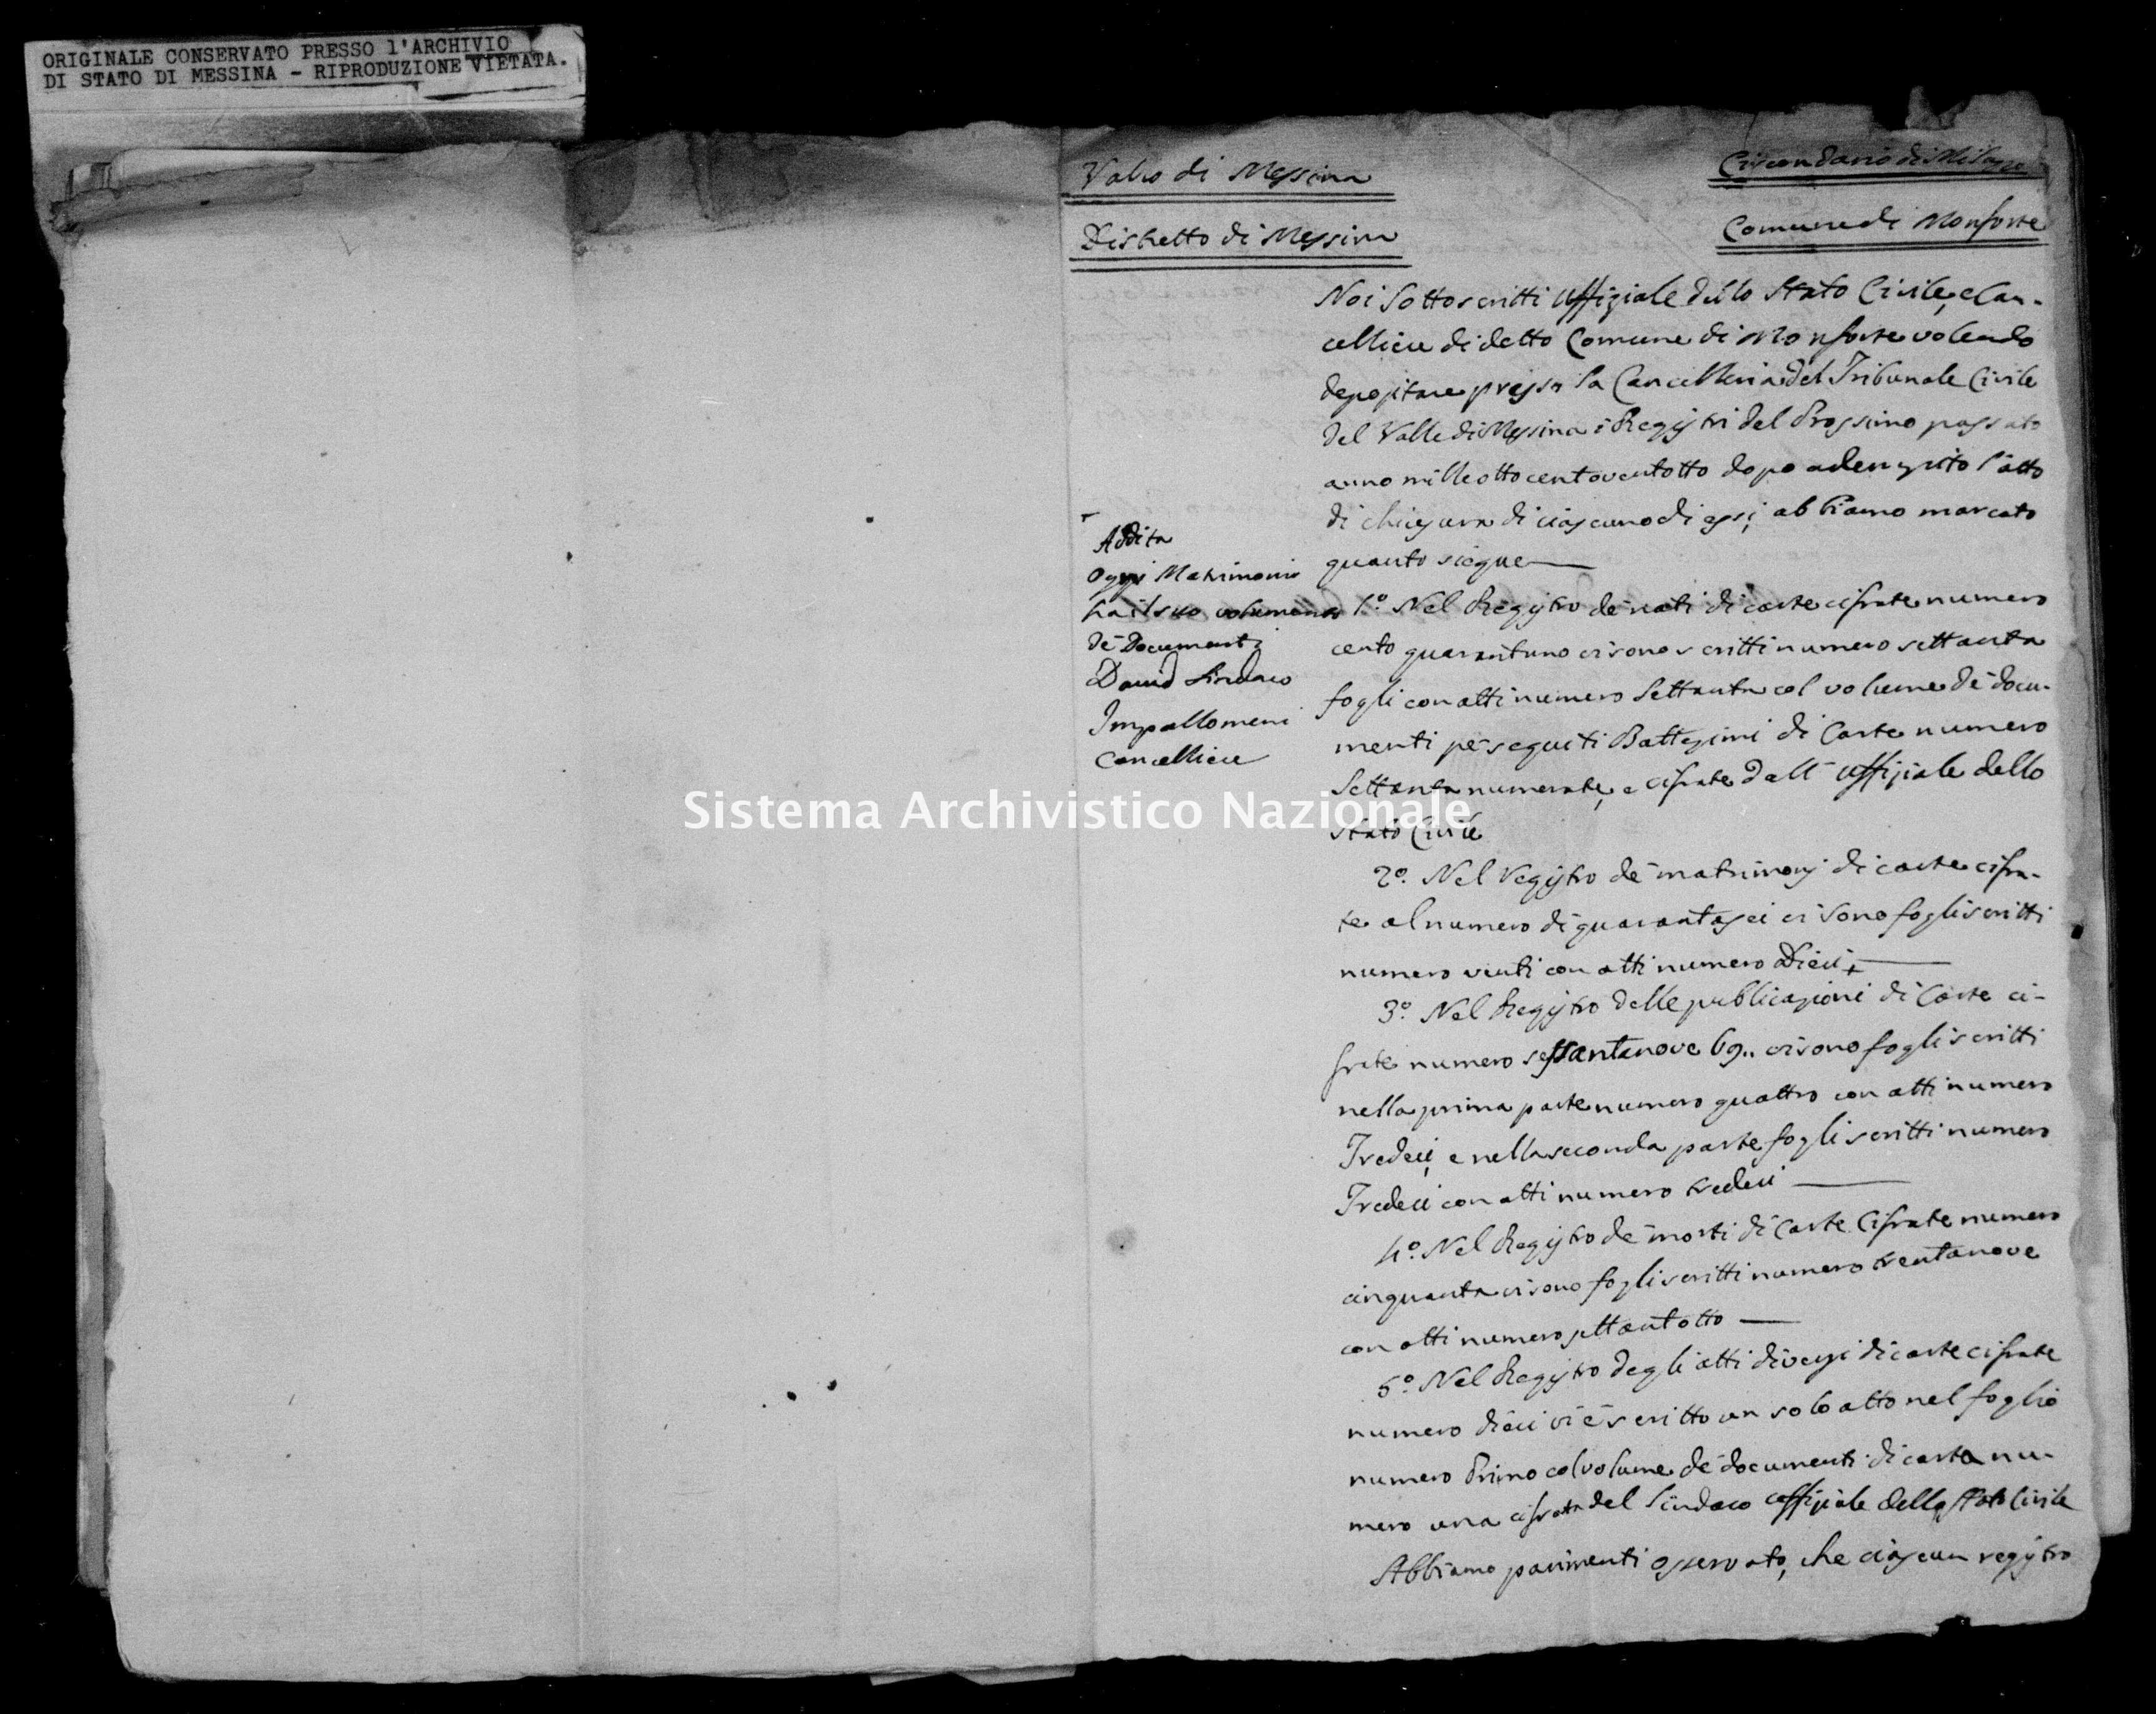 Archivio di stato di Messina - Stato civile della restaurazione - Monforte - Inventario - 1828 - 849 -